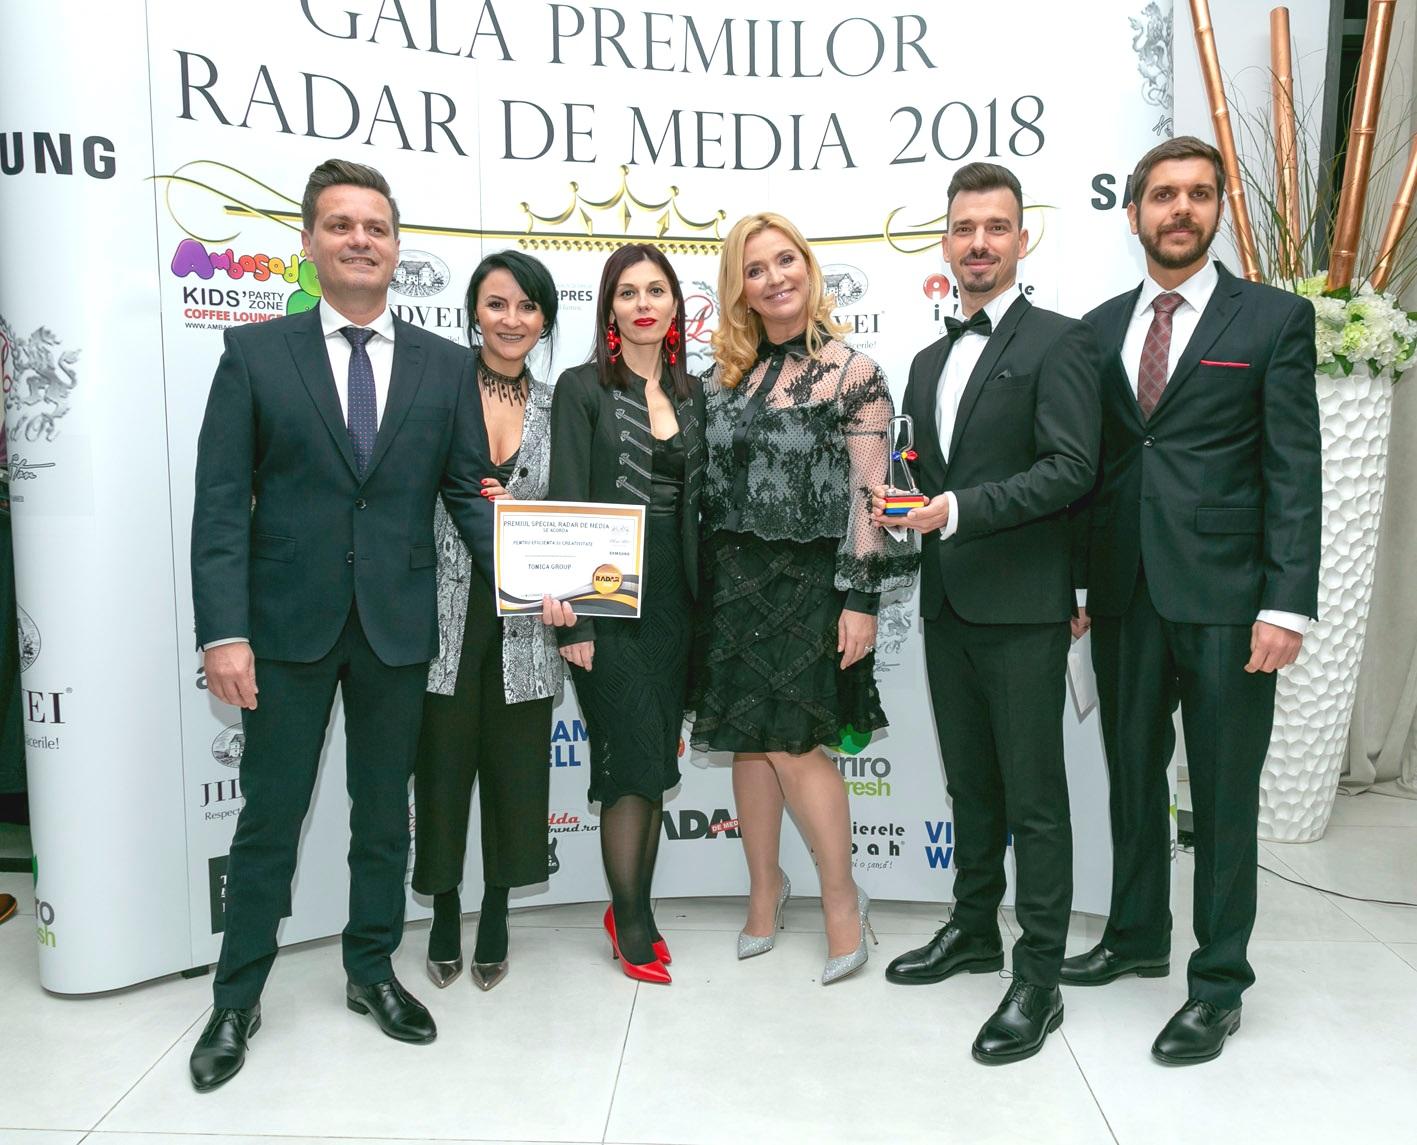 Eficienta si creativitate rasplatite: Tonica Group, premiata la Gala Radar de Media 2018